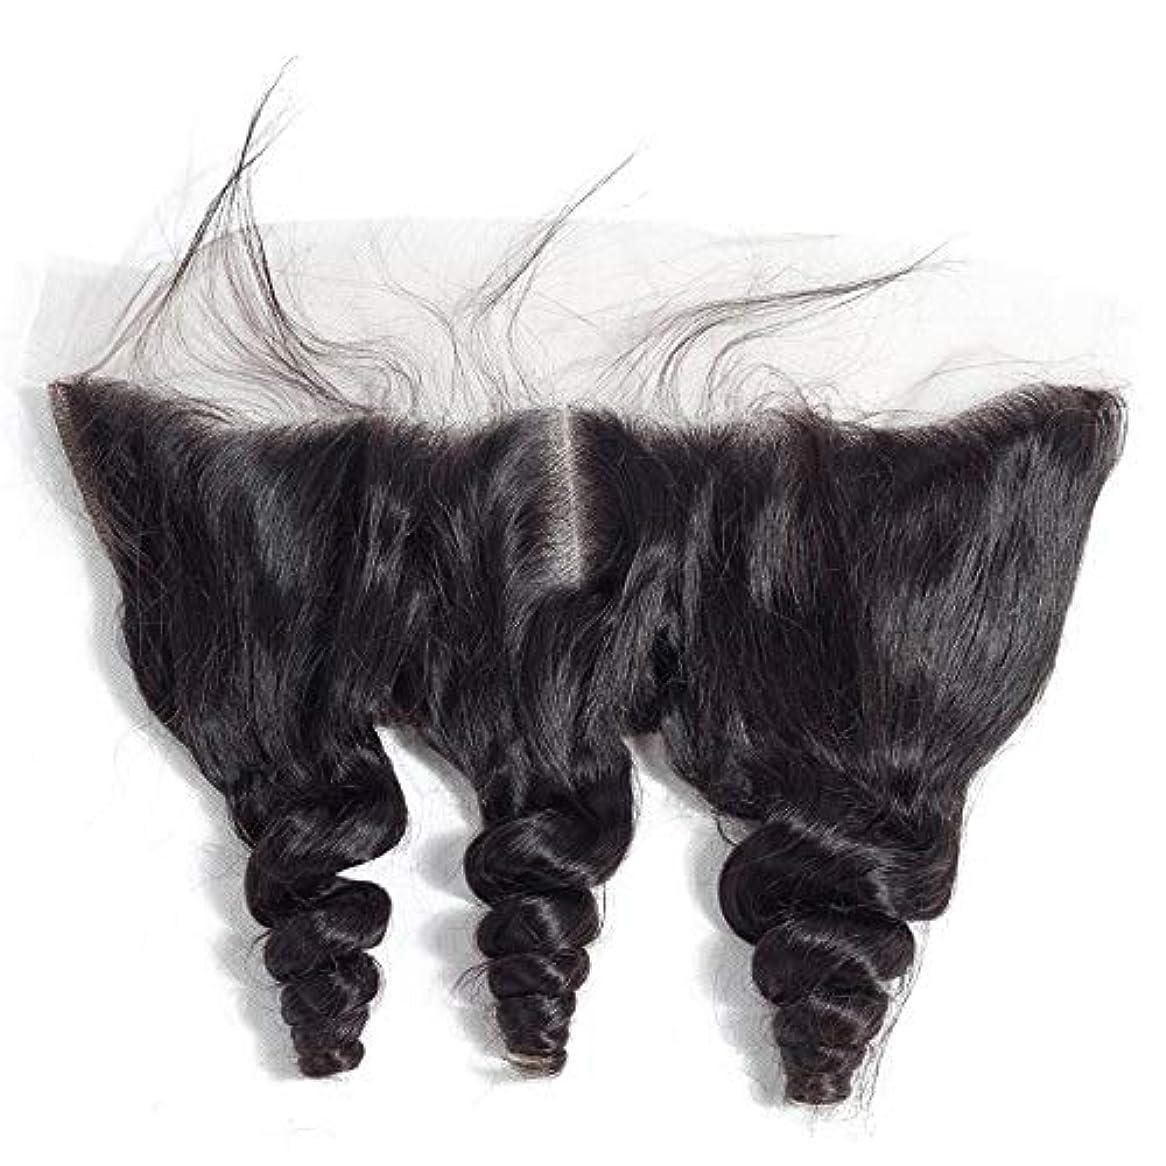 人気の自分の力ですべてをする残りWASAIO ヘアエクステンションクリップ裏地なし髪型ブラジルルーズウェーブ13 * 4レースフロンタル閉鎖横隔膜パート人間 (色 : 黒, サイズ : 8 inch)